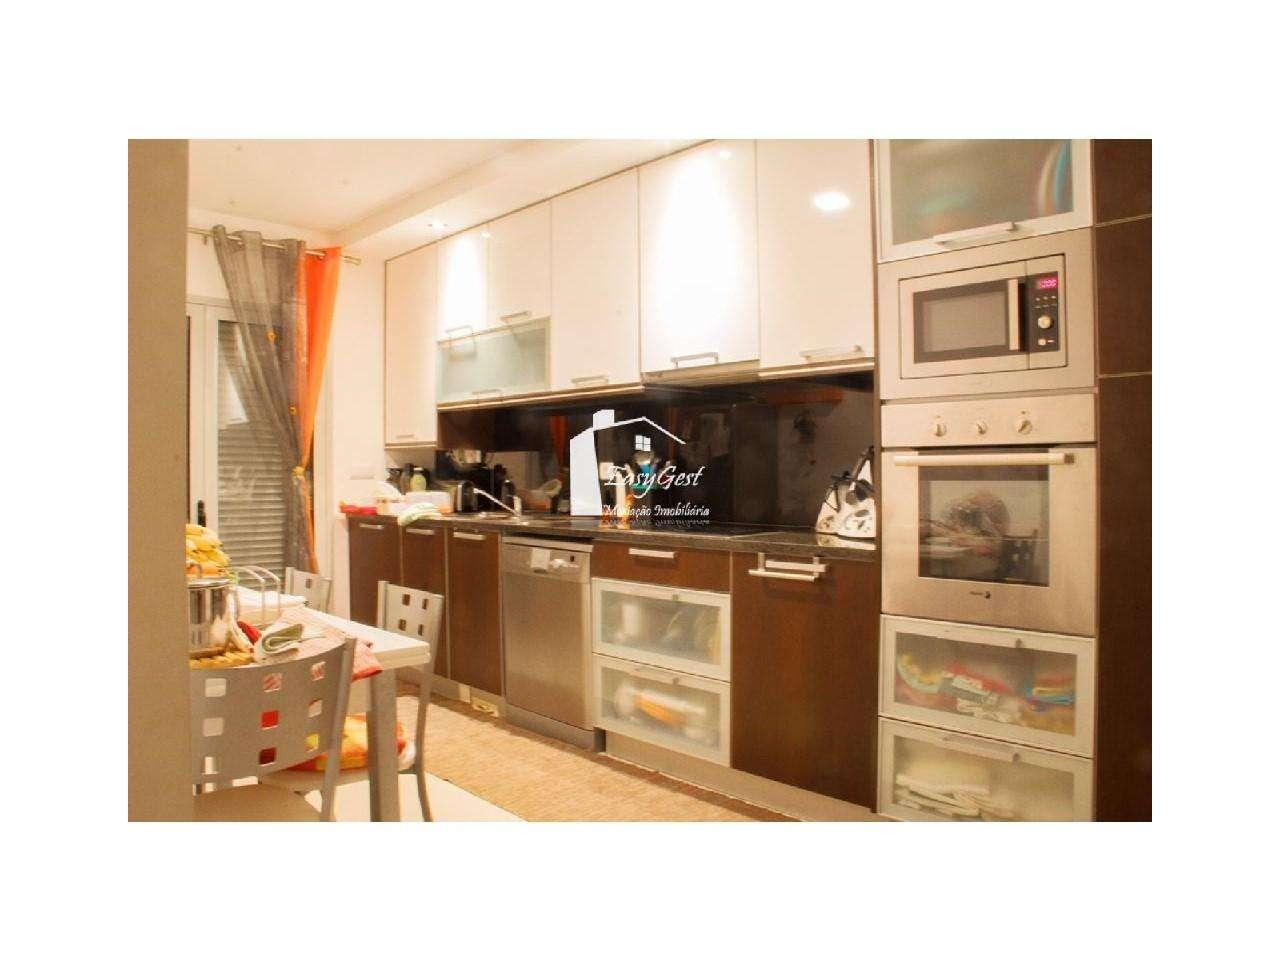 Apartamento para comprar, Tomar (São João Baptista) e Santa Maria dos Olivais, Tomar, Santarém - Foto 5